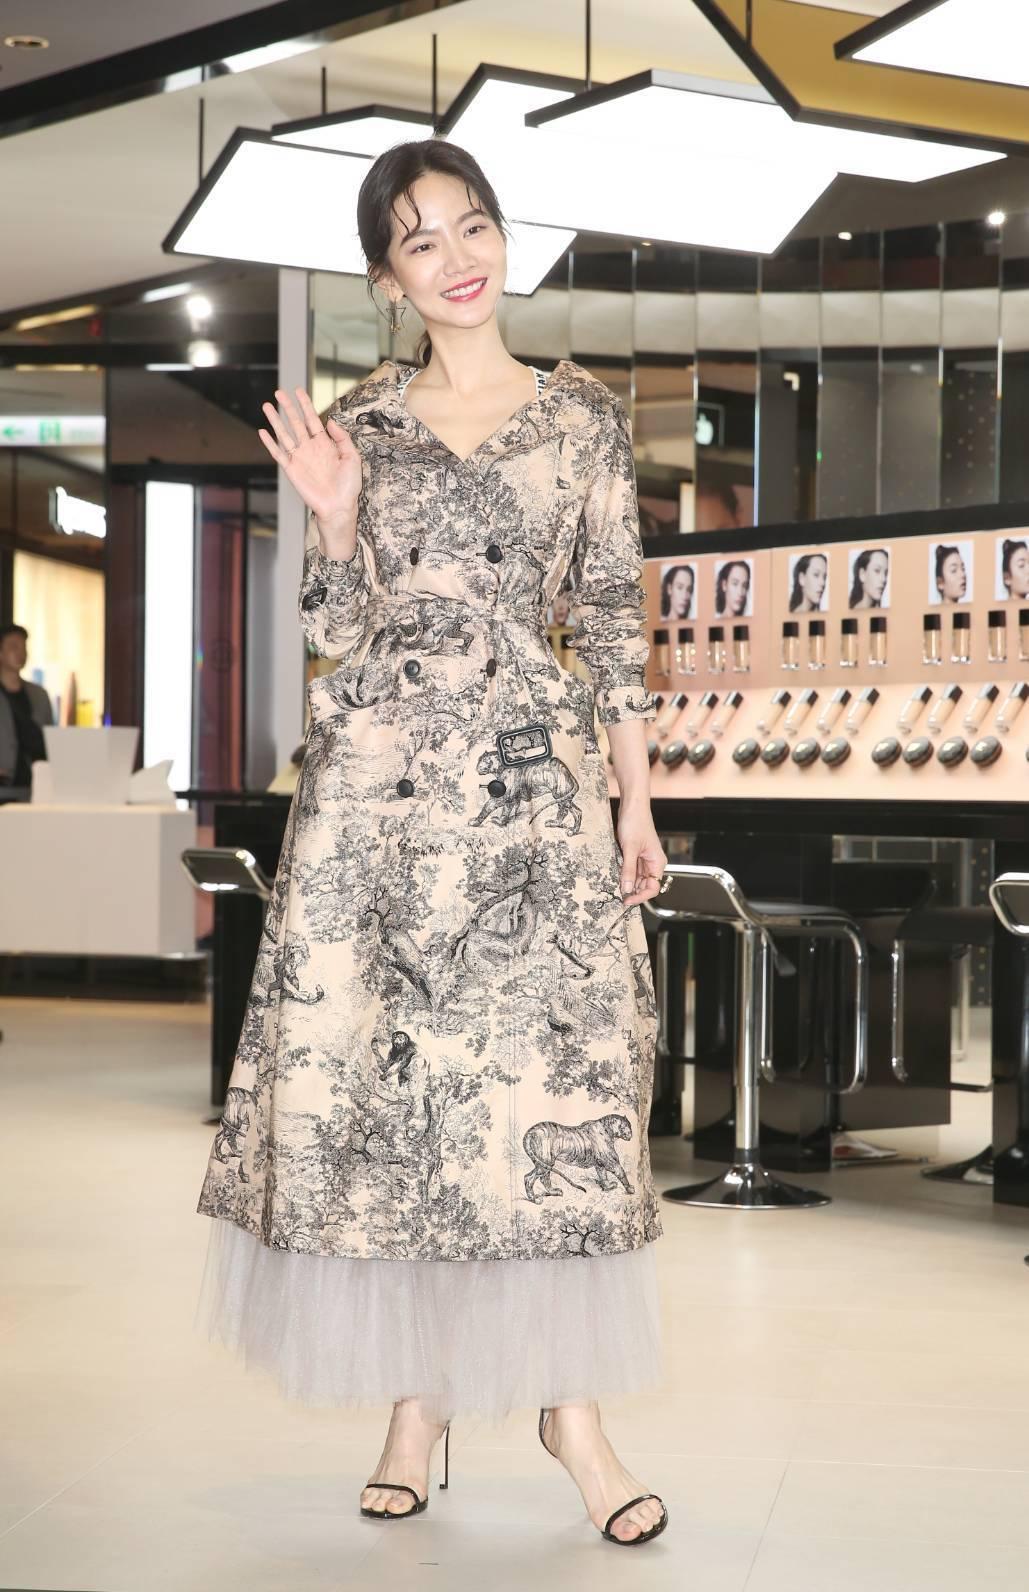 曾之喬穿Dior春夏風衣,現身迪奧超完美快閃店,擔任一日店長。記者陳立凱/攝影